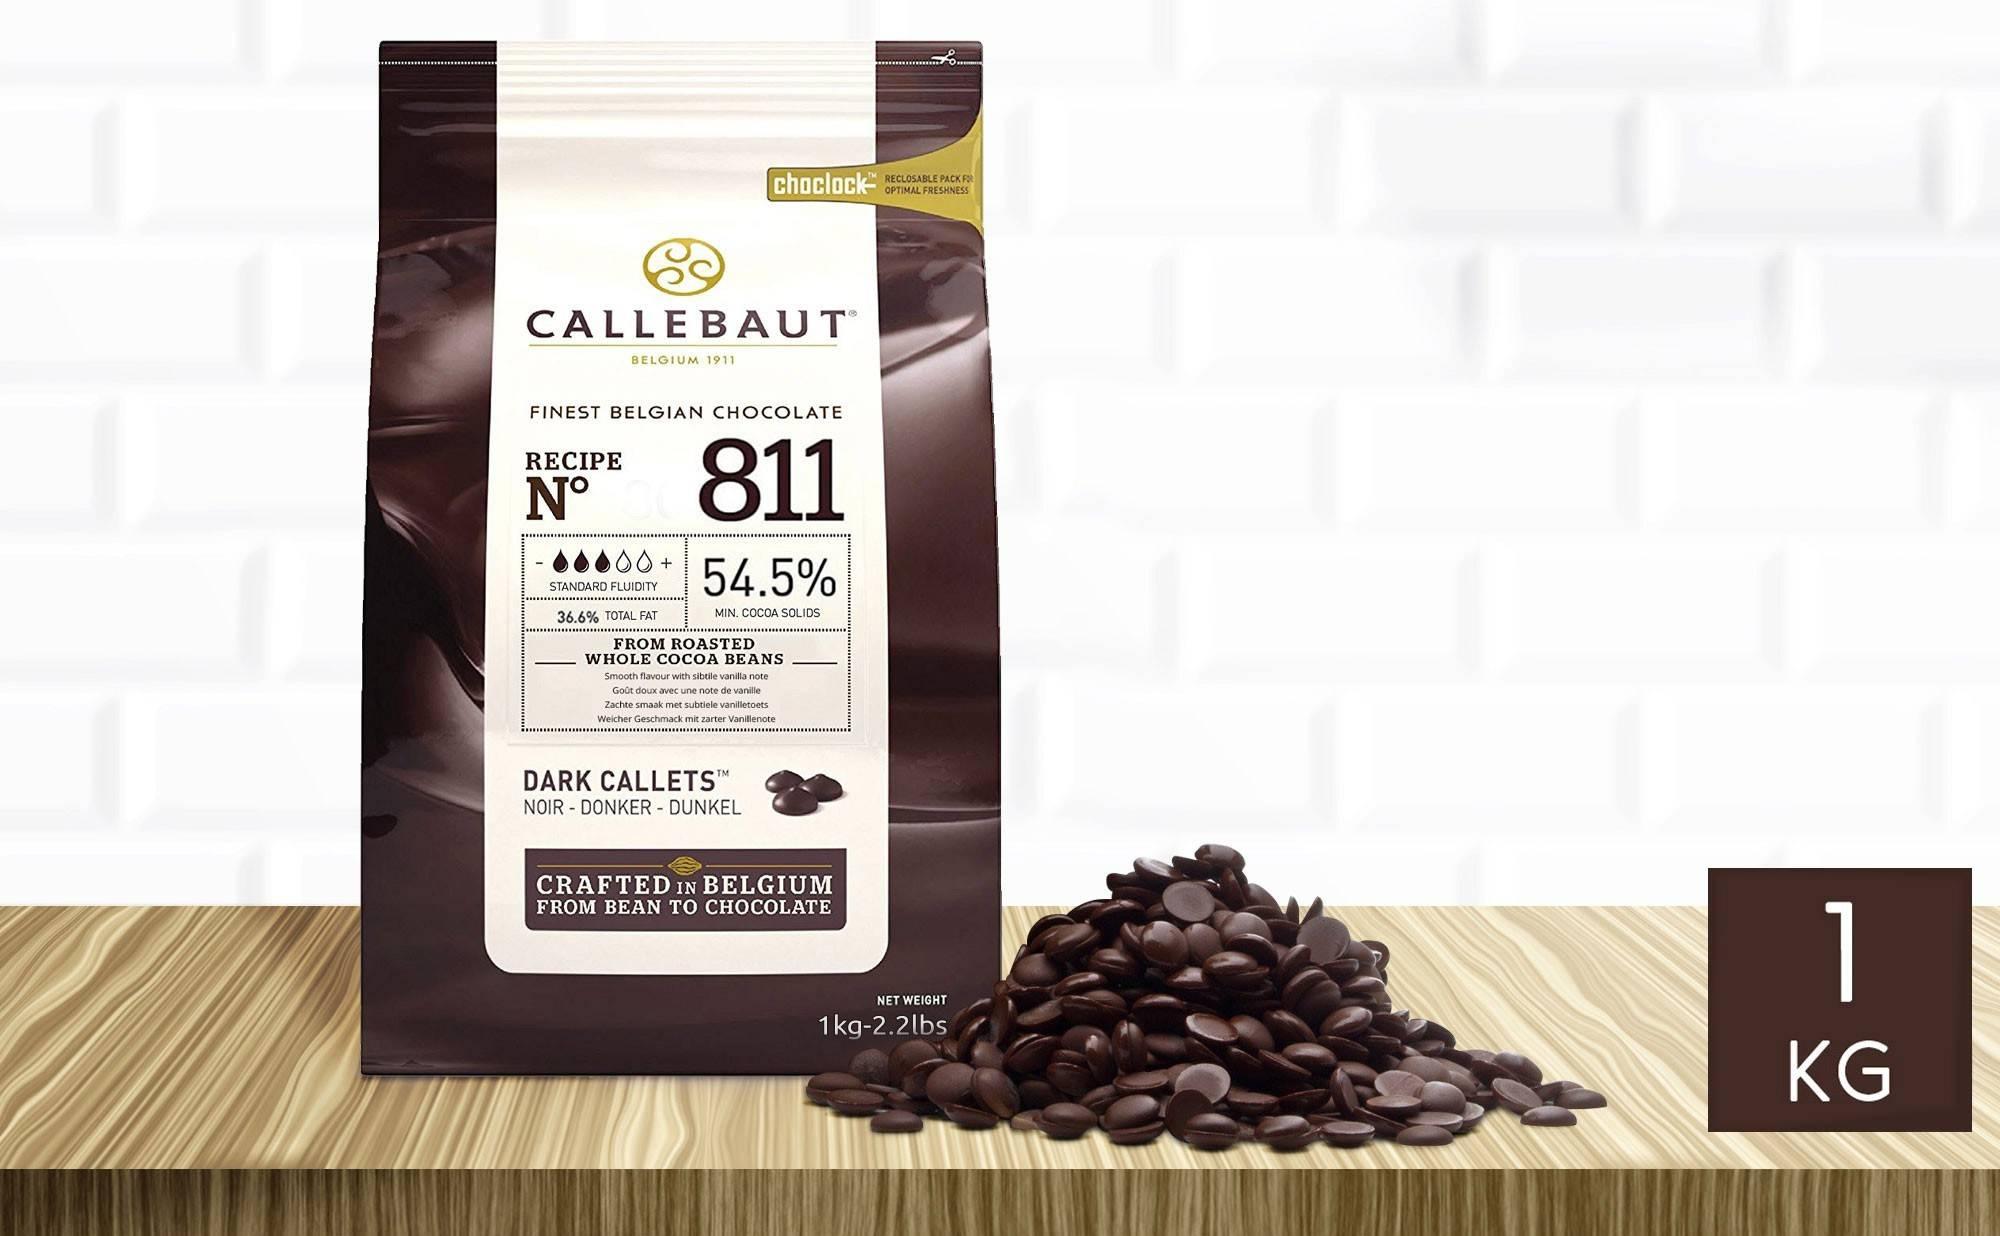 Какао барри (каллебаут, экстра брют): полезные свойства, отзывы, рецепты